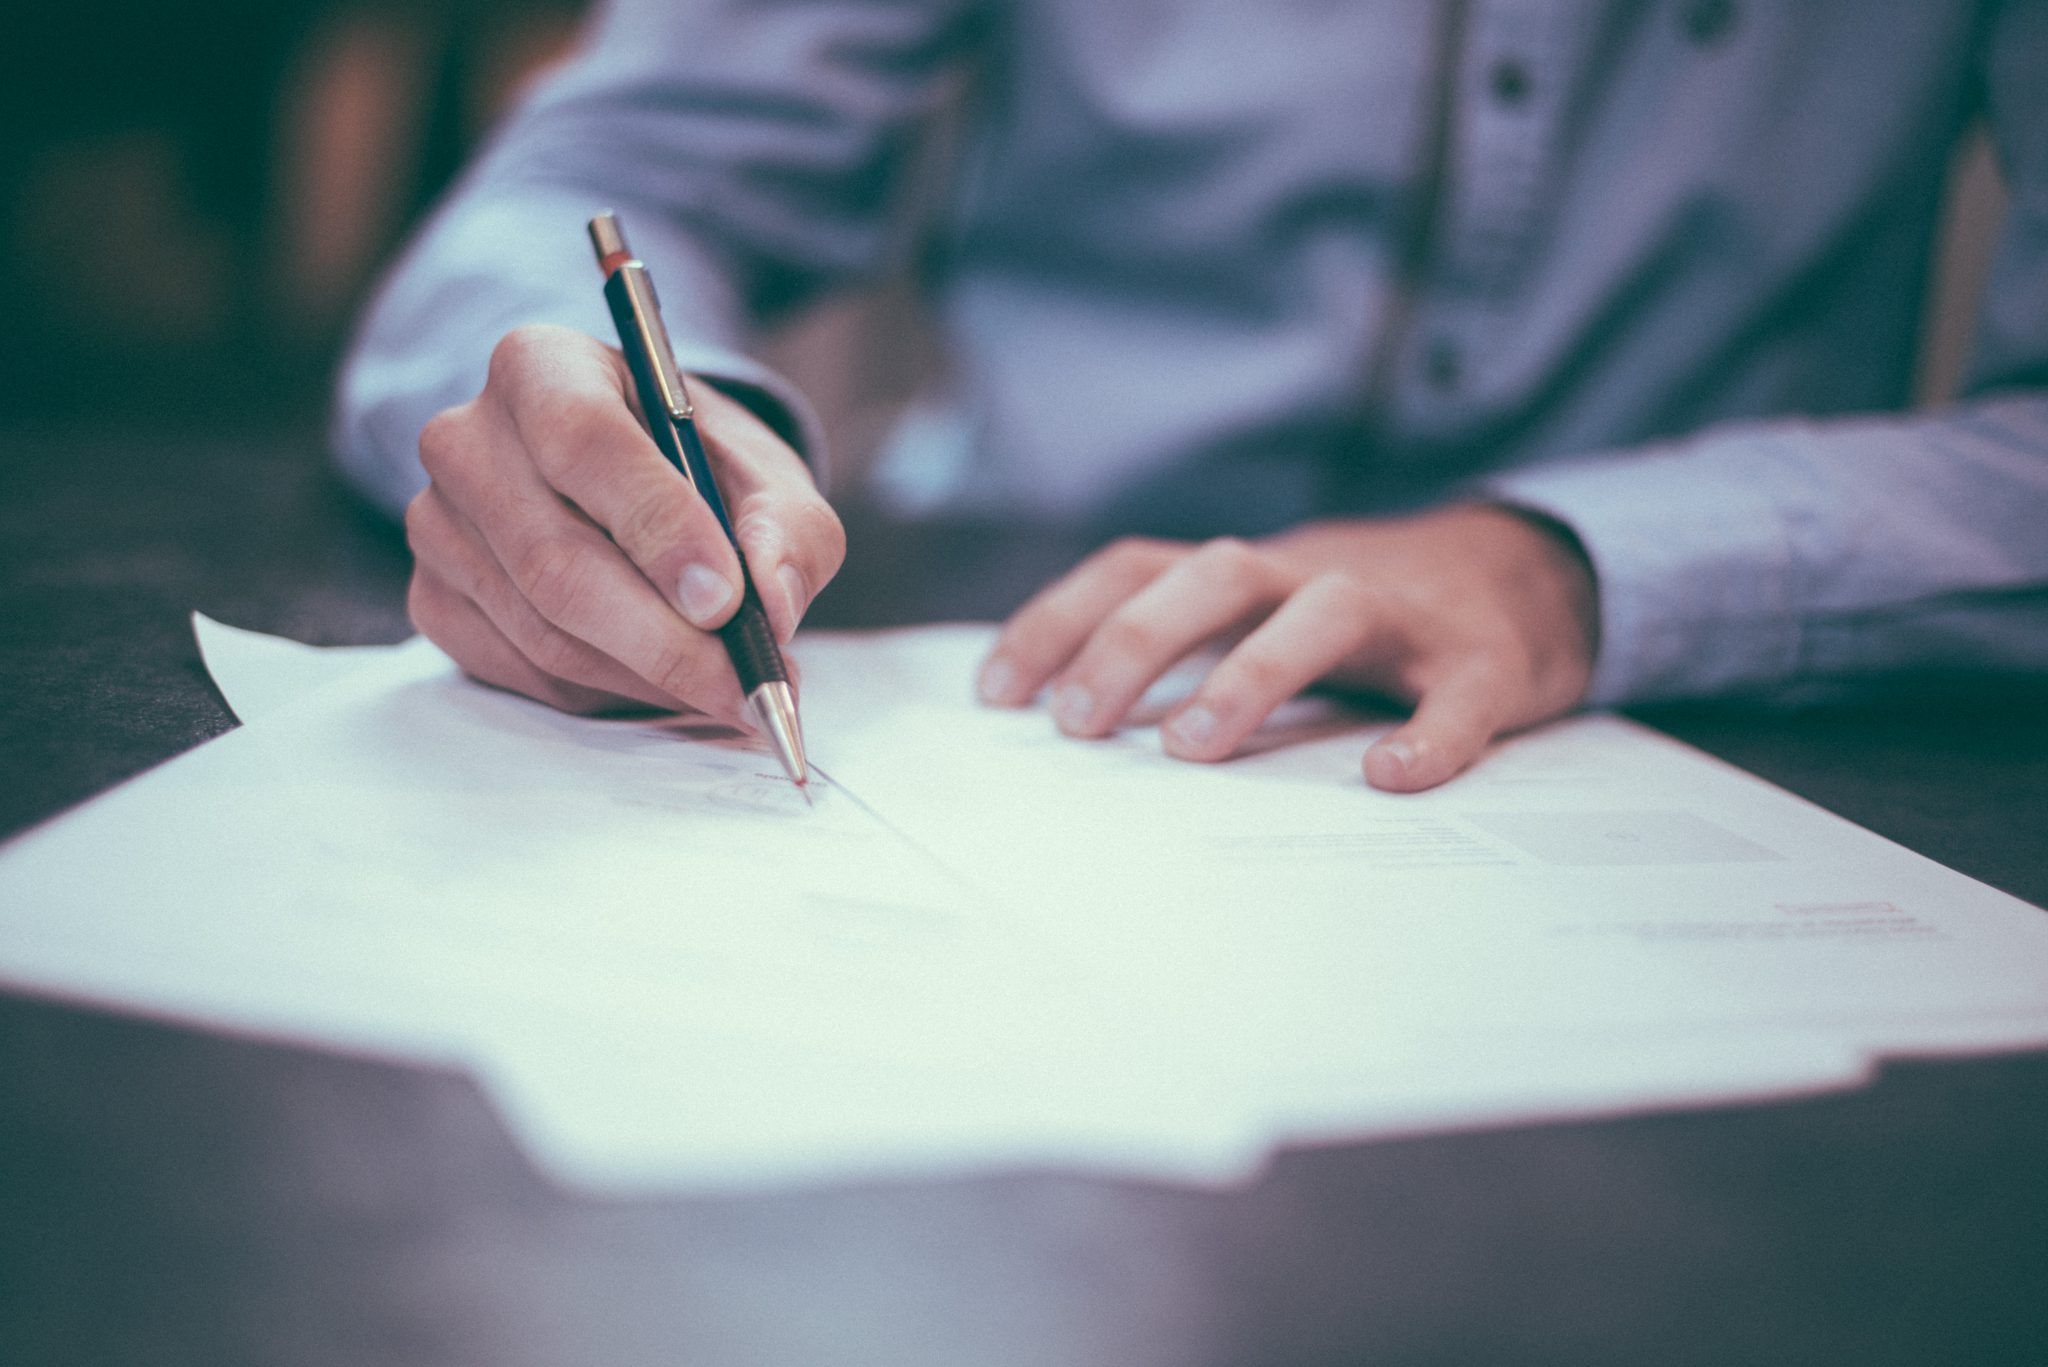 士業(弁護士・司法書士・行政書士・税理士・公認会計士)がキャッシュレスを導入する方法とは?